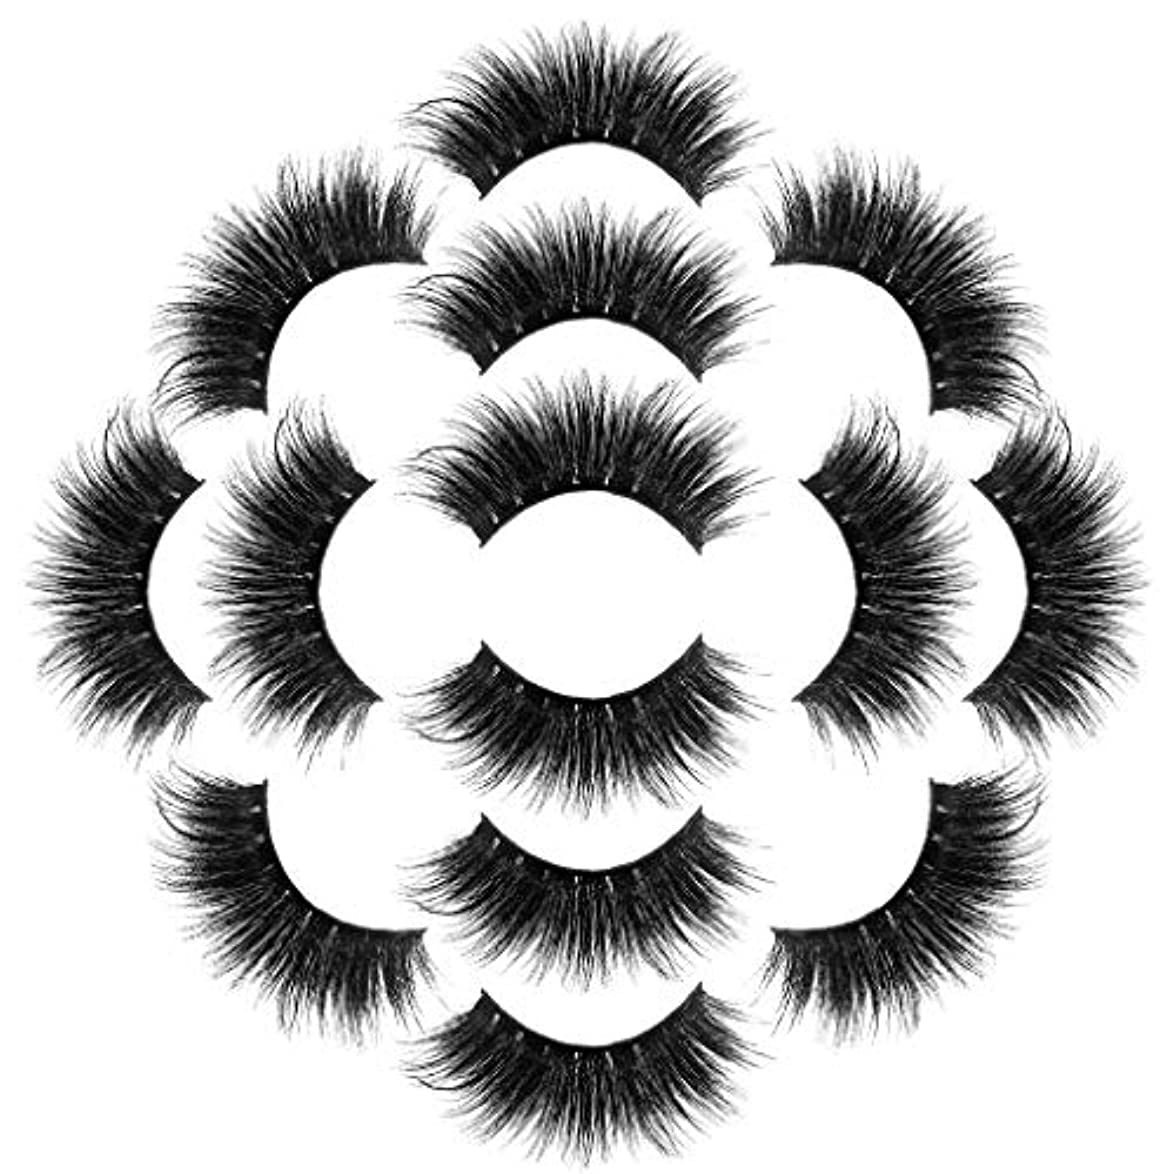 変装松の木チーフラグジュアリー7ペア8Dつけまつげふわふわストリップまつげロングナチュラルパーティーメイク